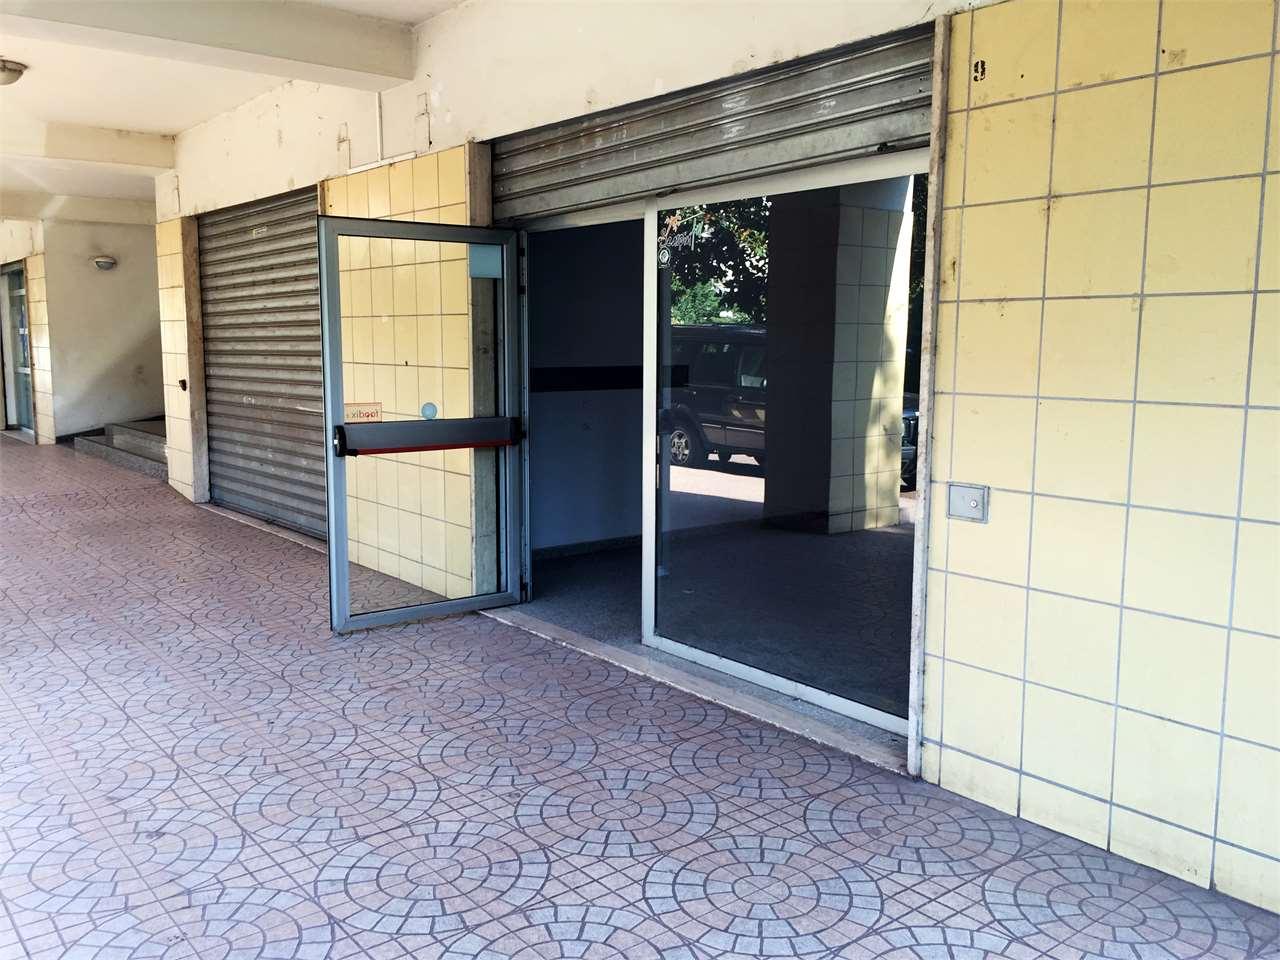 Magazzino in vendita a Rende, 9999 locali, zona Zona: Quattromiglia, prezzo € 150.000 | CambioCasa.it